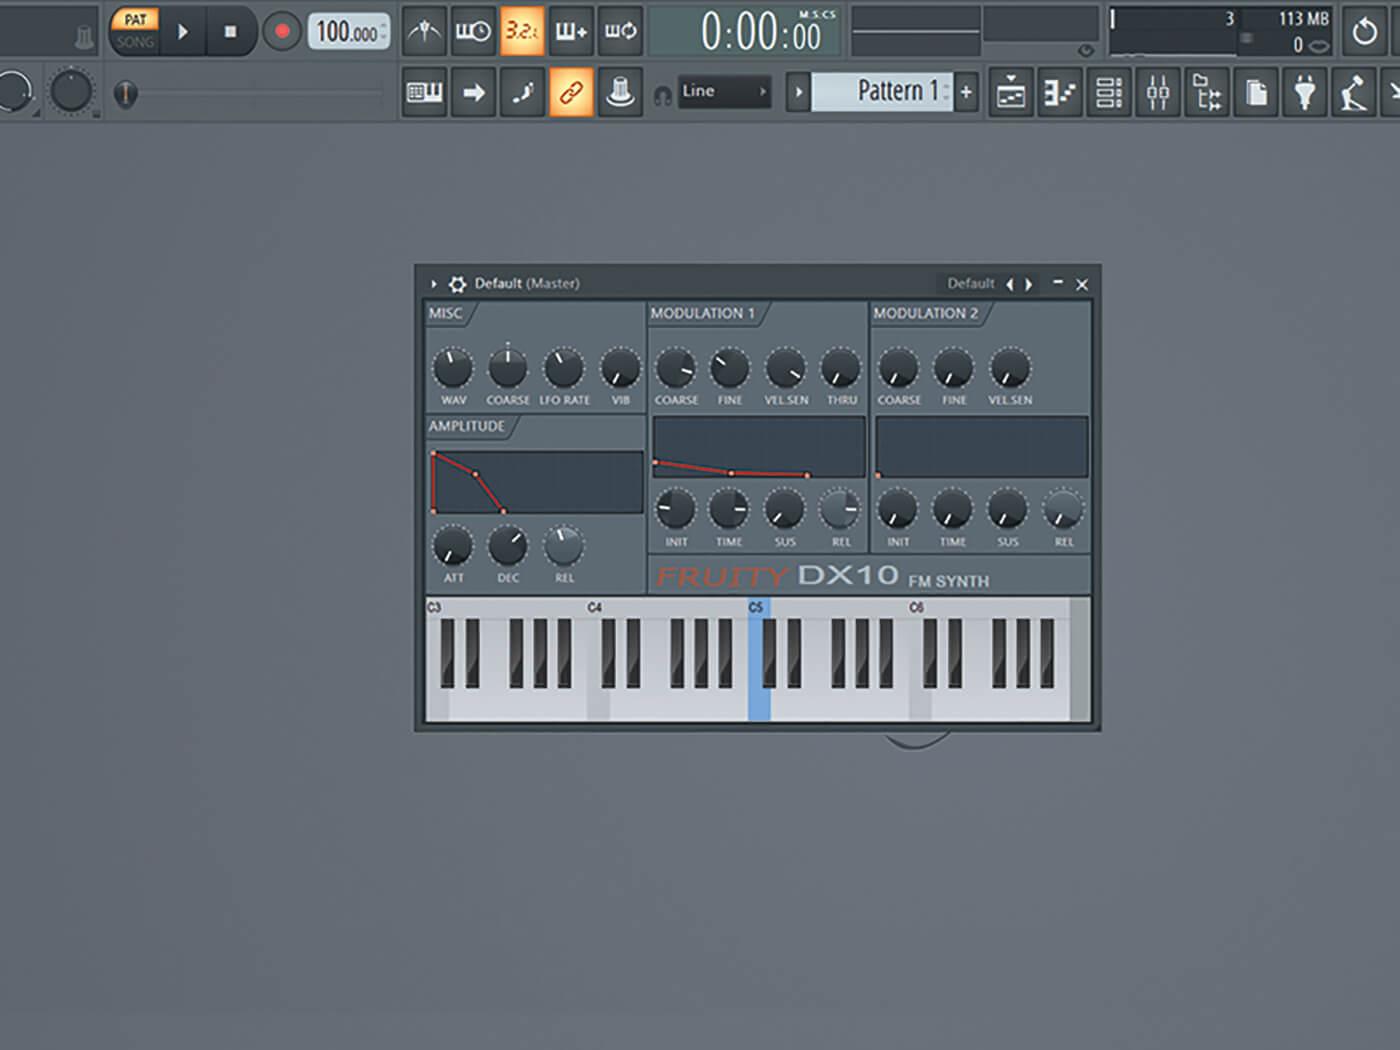 MT 206 TUT FL Studio Part 3